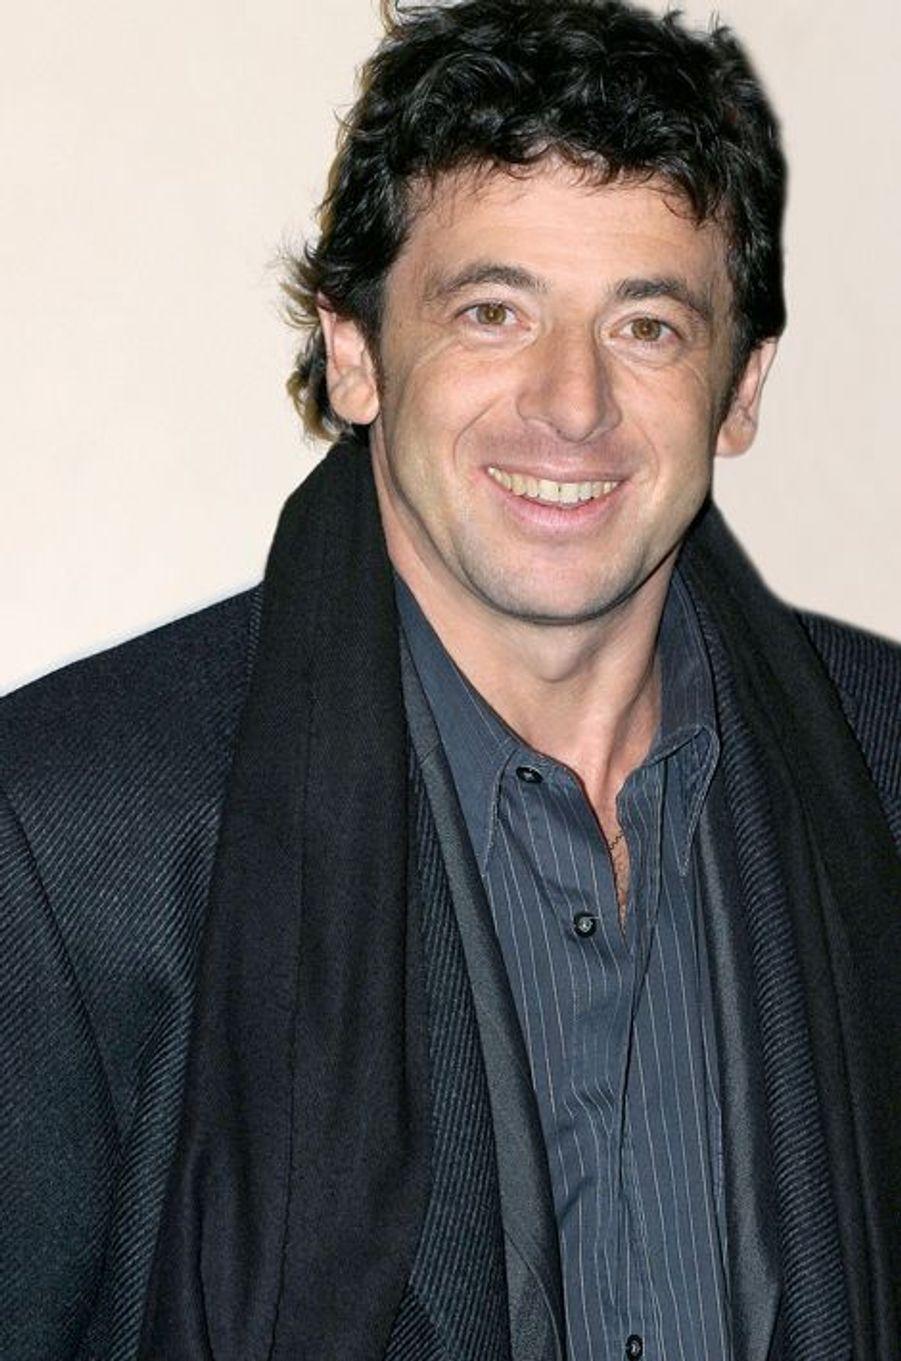 Patrick Bruel à Paris le 9 février 2004.